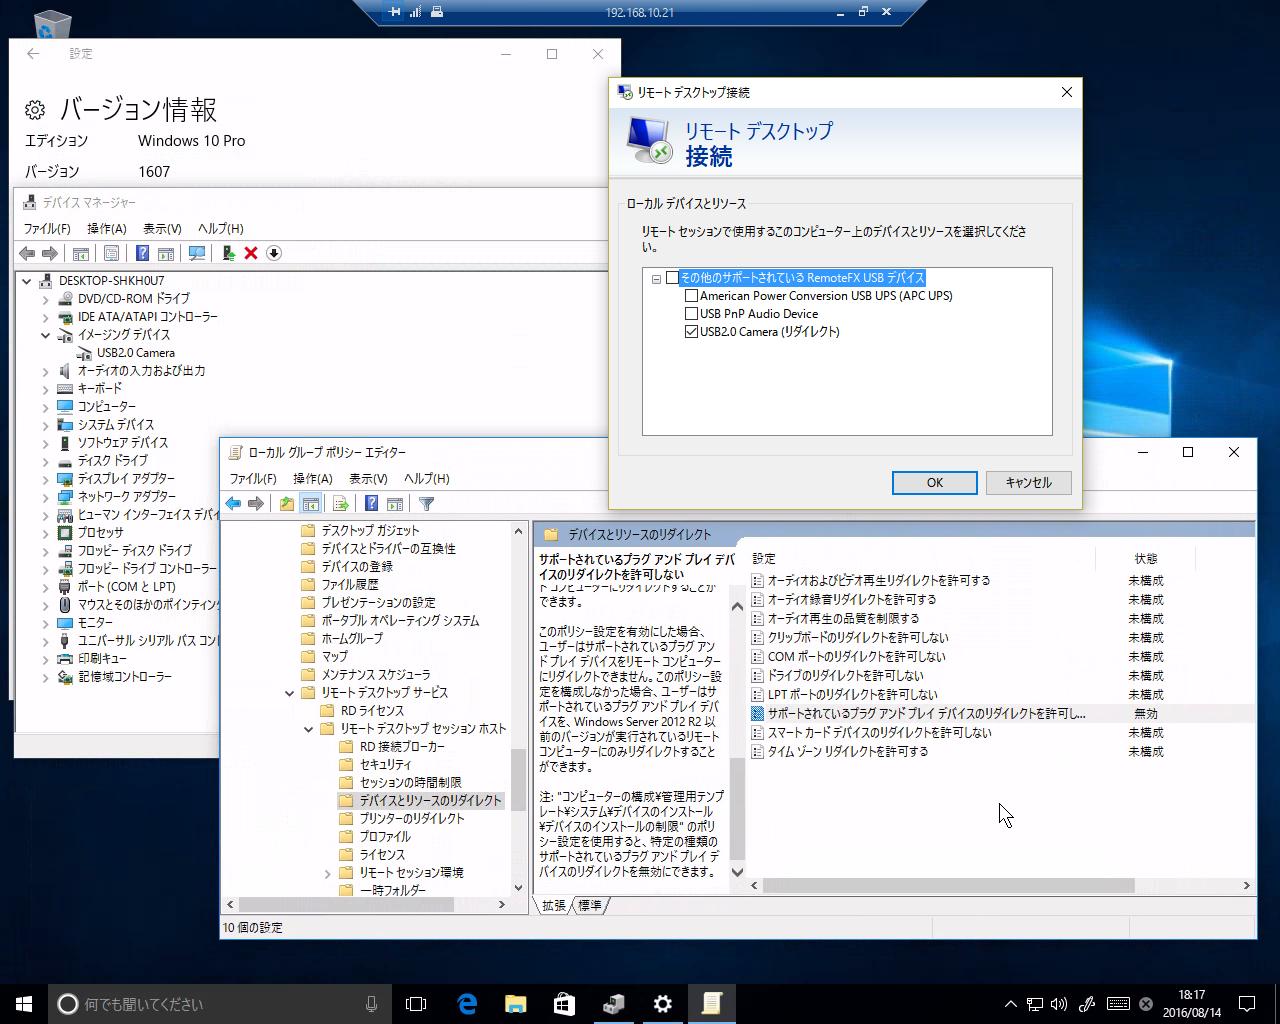 山市良のえぬなんとかわーるど: RDP の接続先が Windows 10 1607 Pro